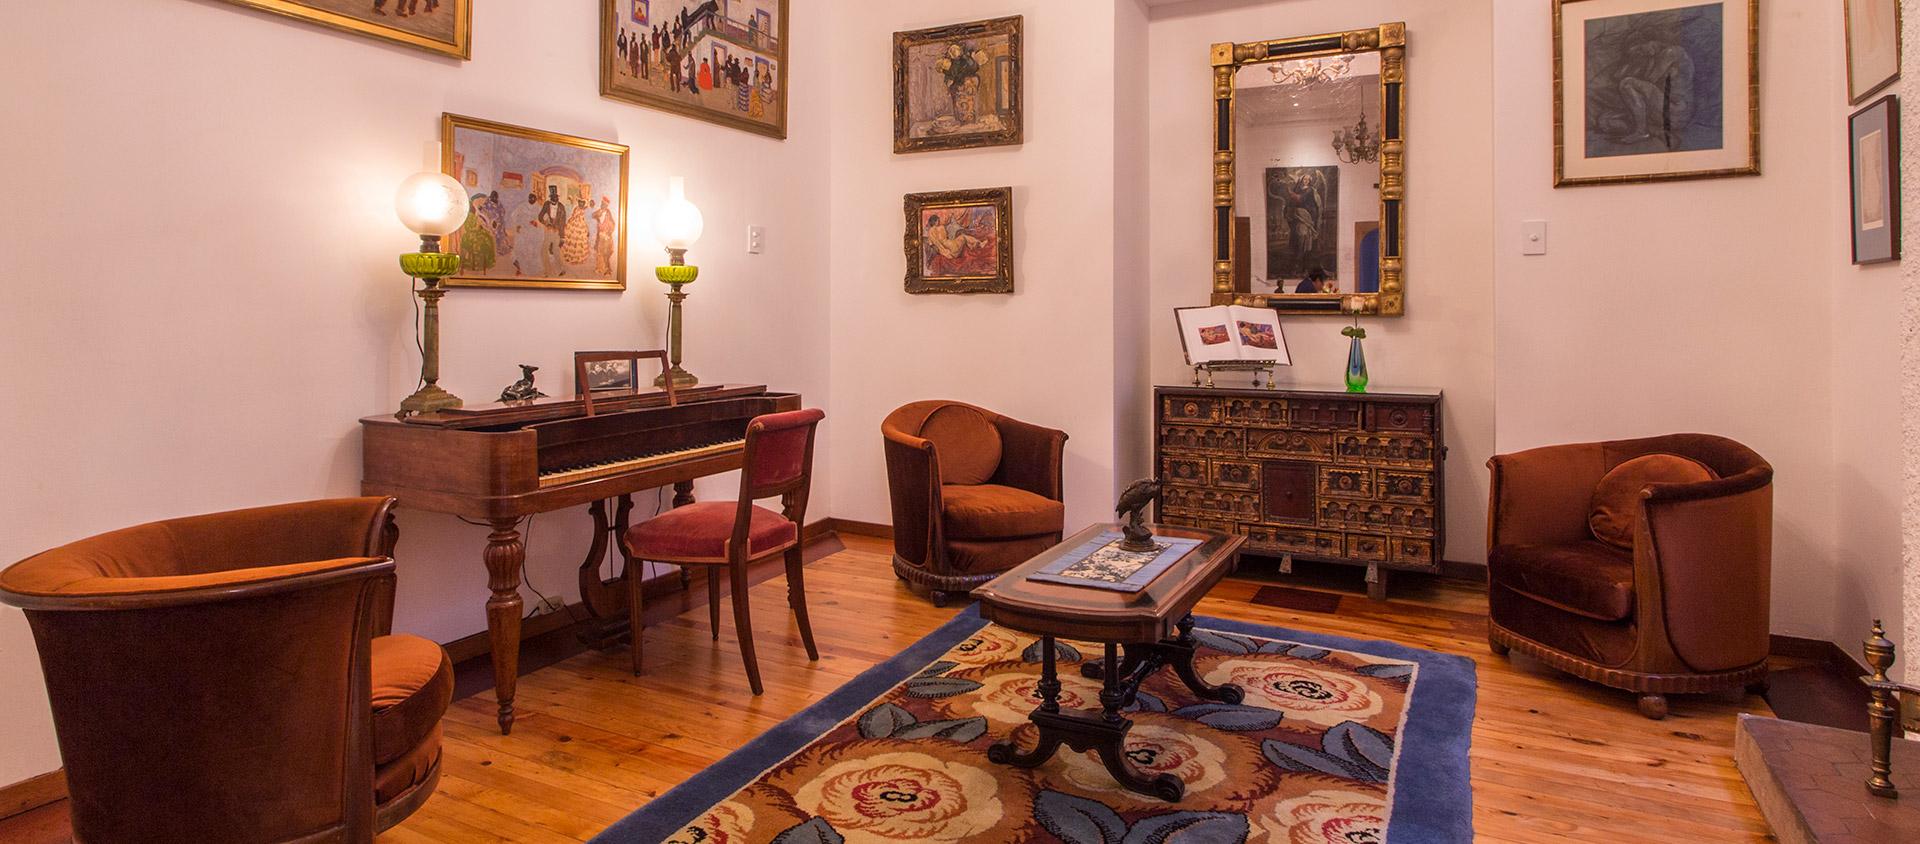 Historia Casa Museo Quito